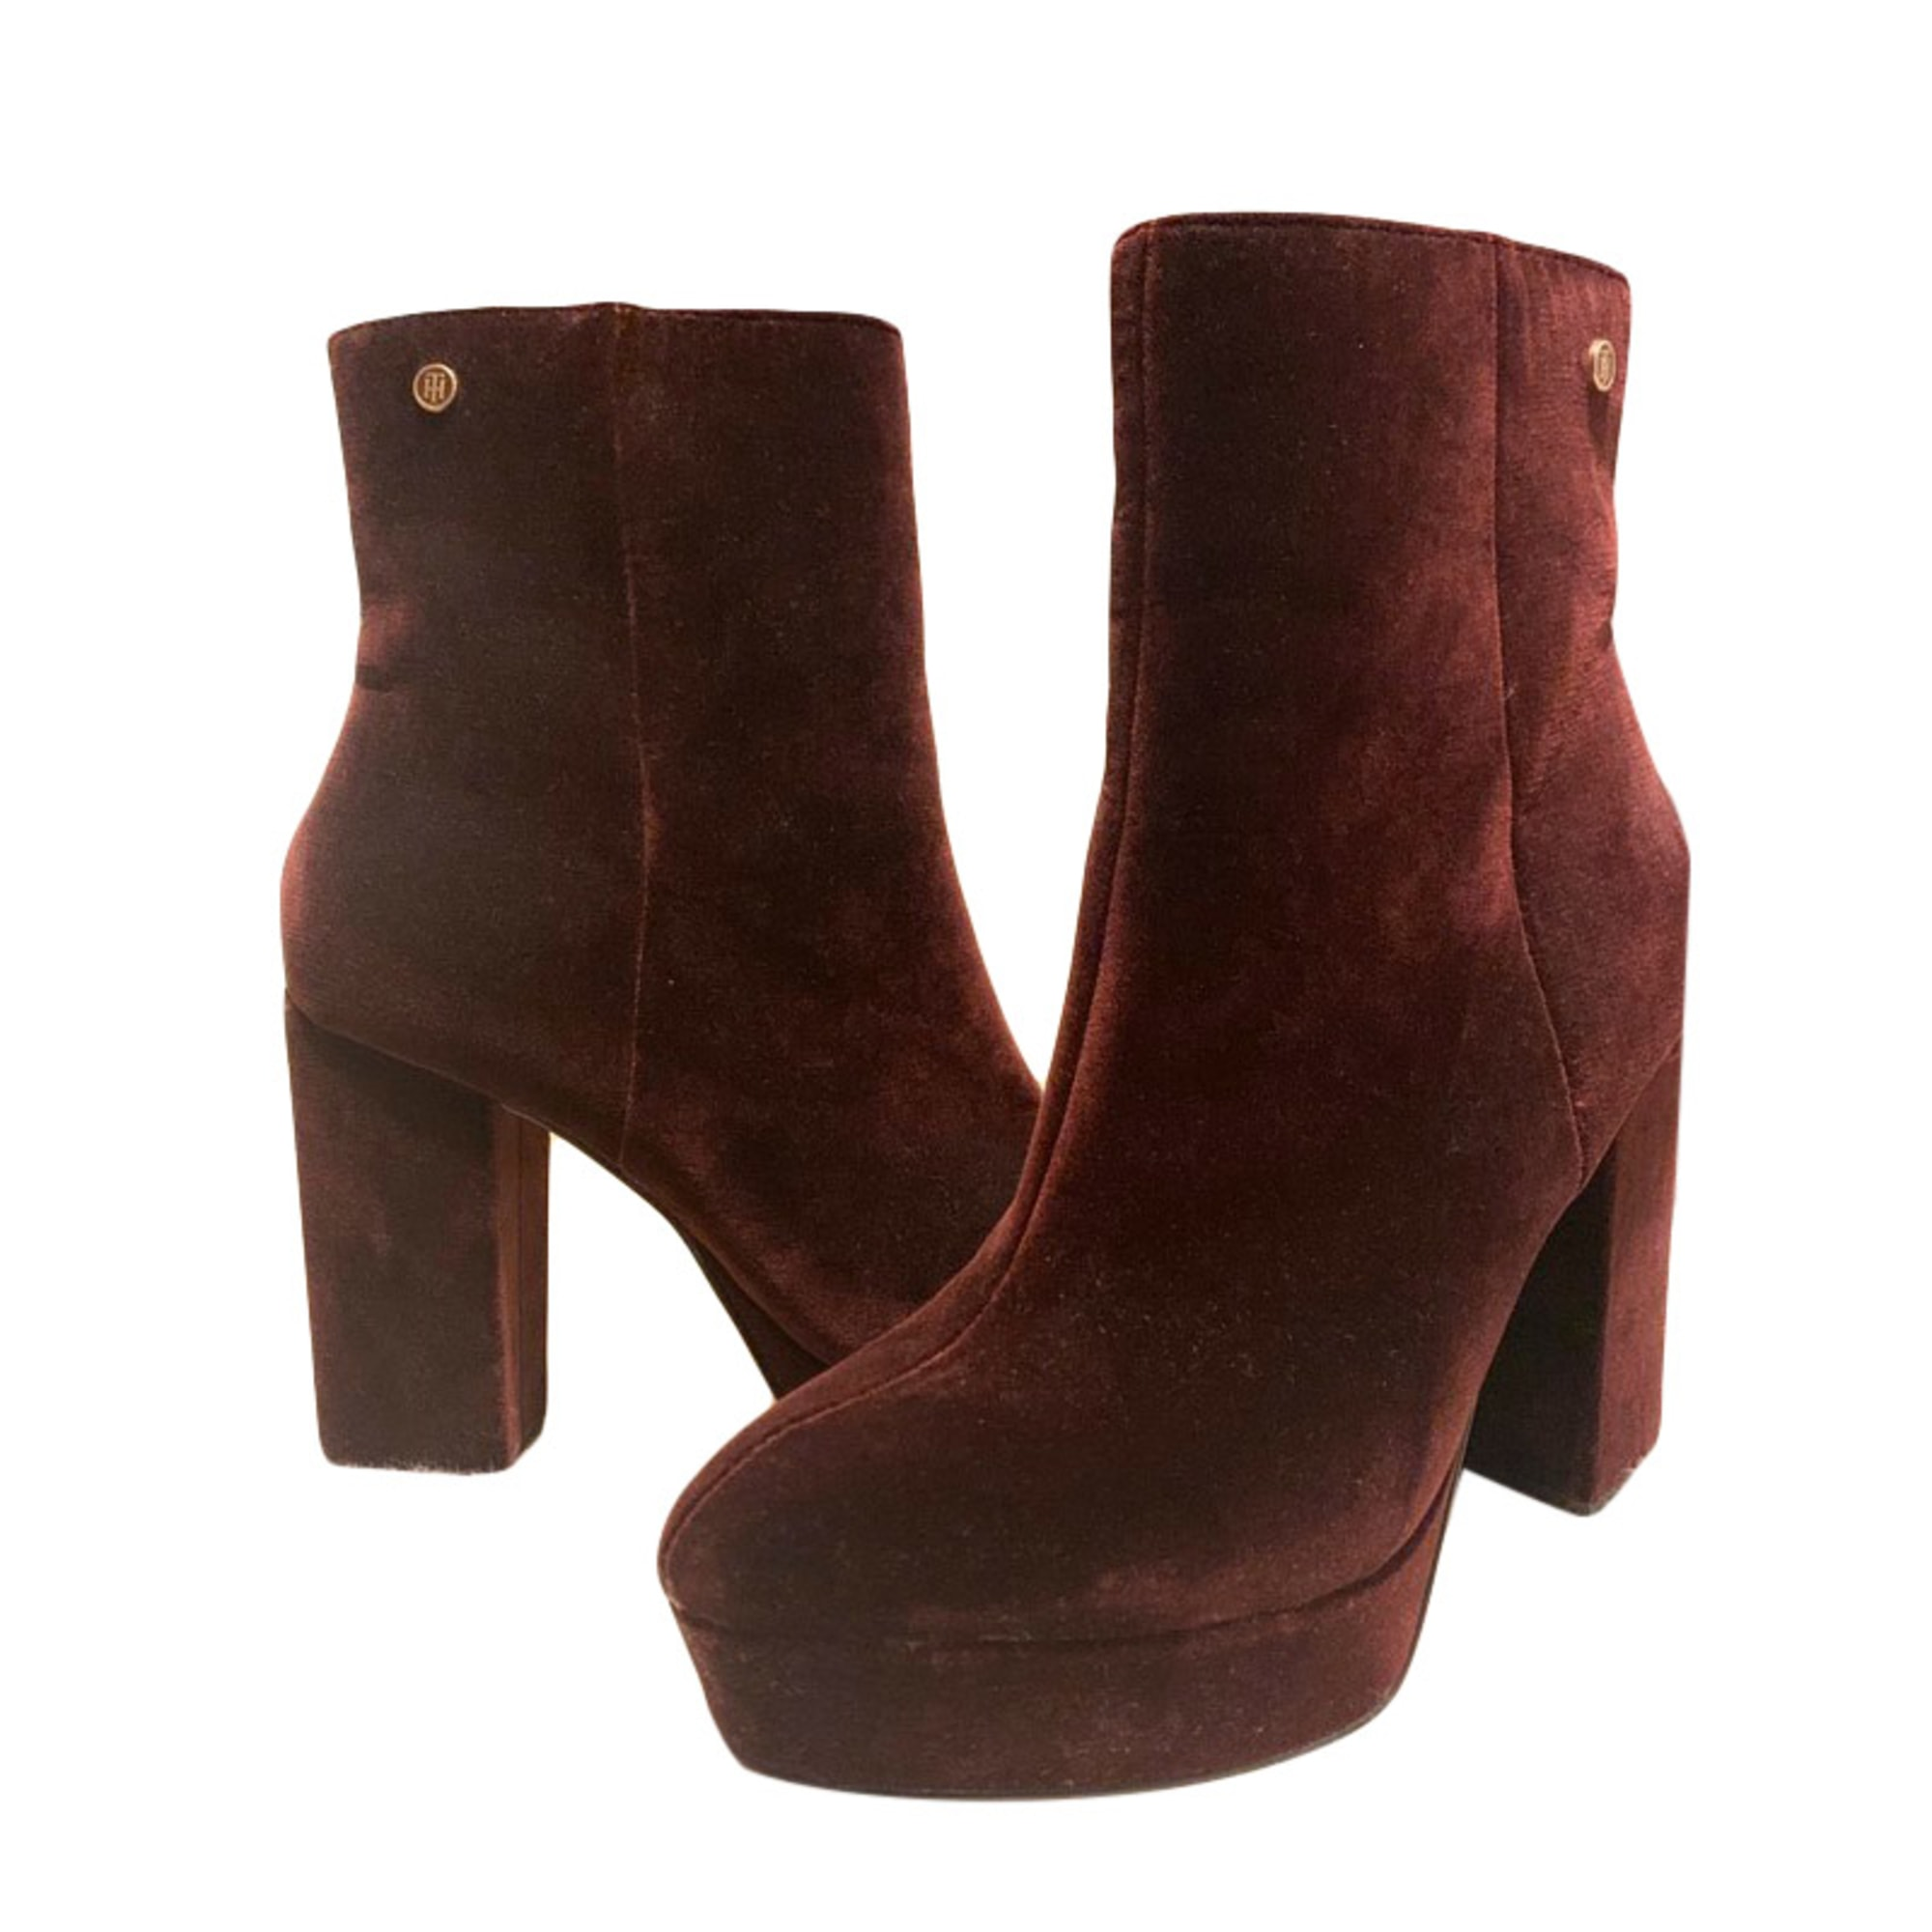 Bottines & low boots à talons TOMMY HILFIGER Rouge, bordeaux